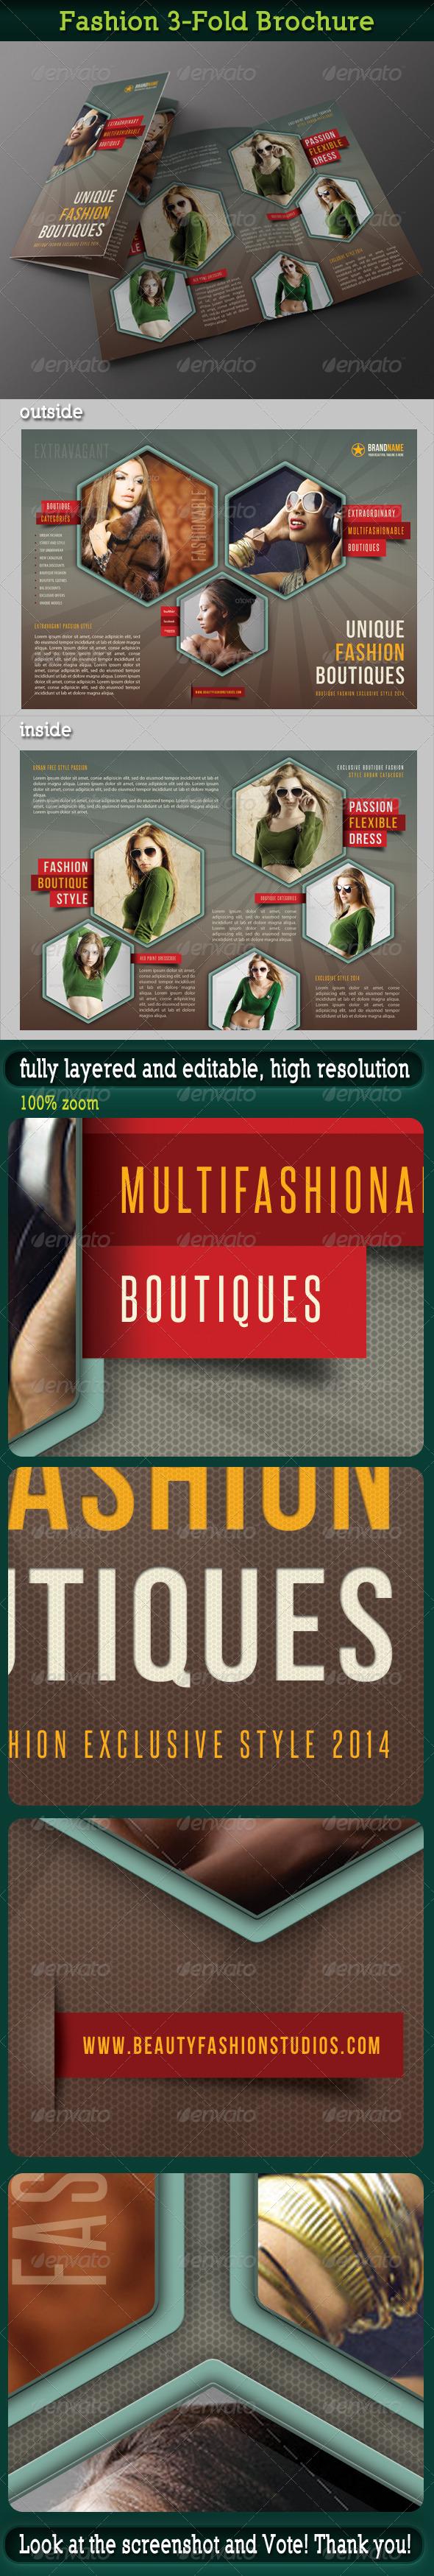 GraphicRiver Fashion 3-Fold Brochure 14 6744549